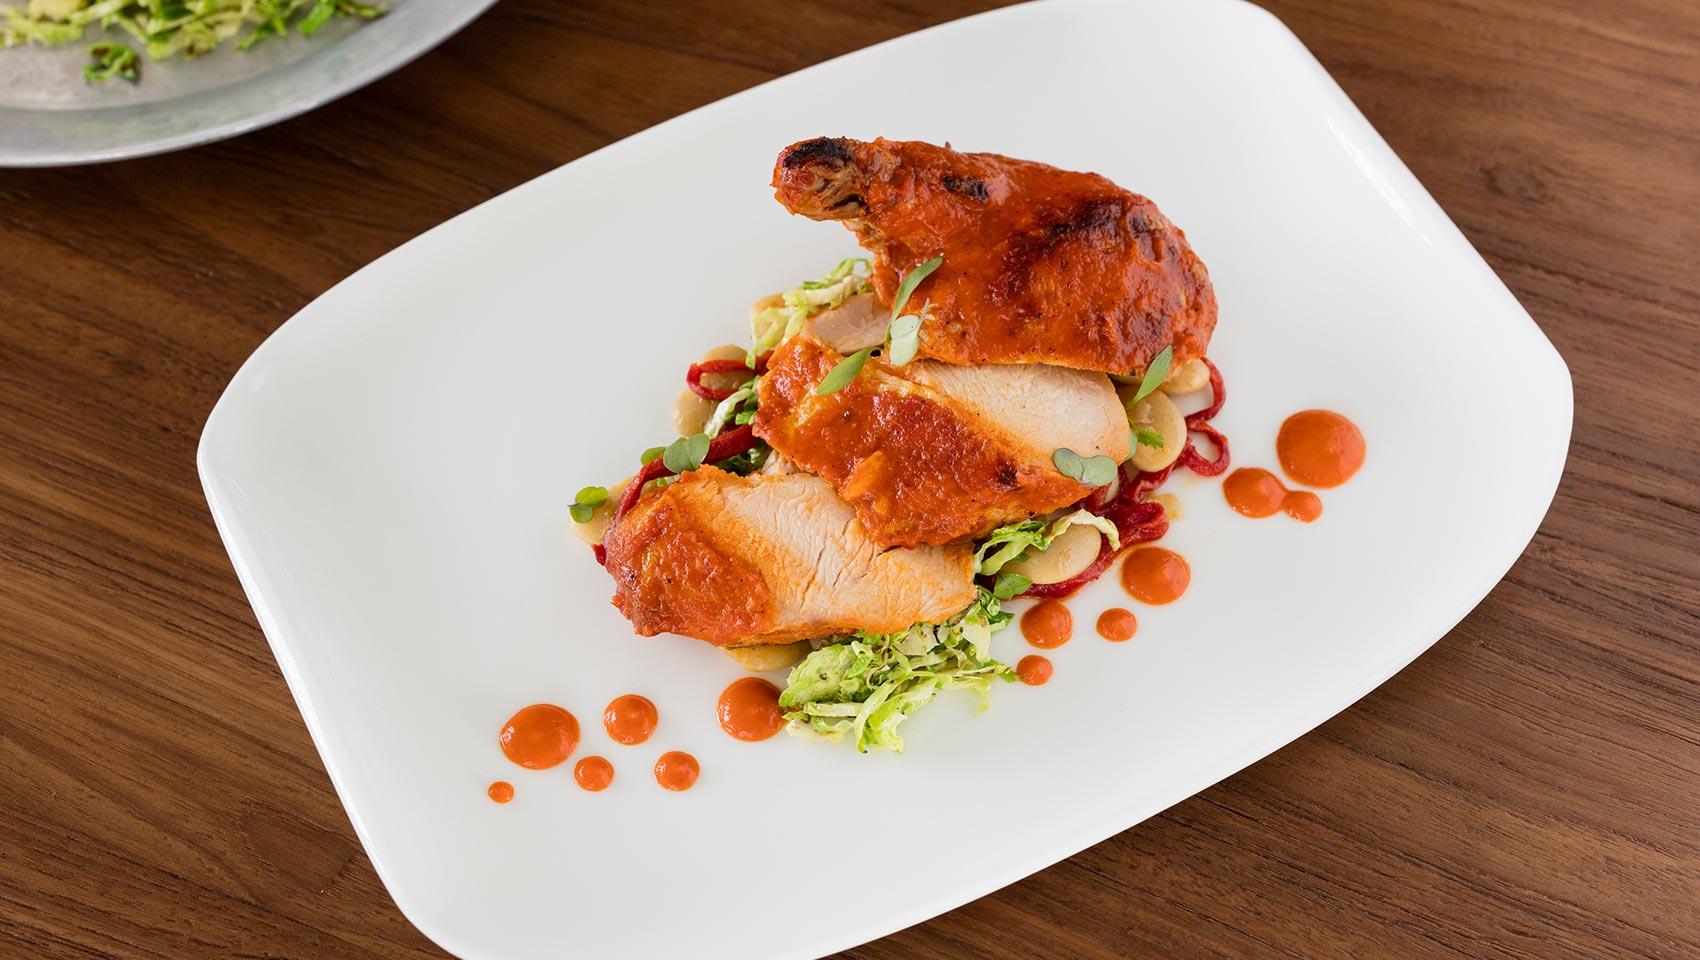 Ave Cayman Piri Piri Chicken Dish